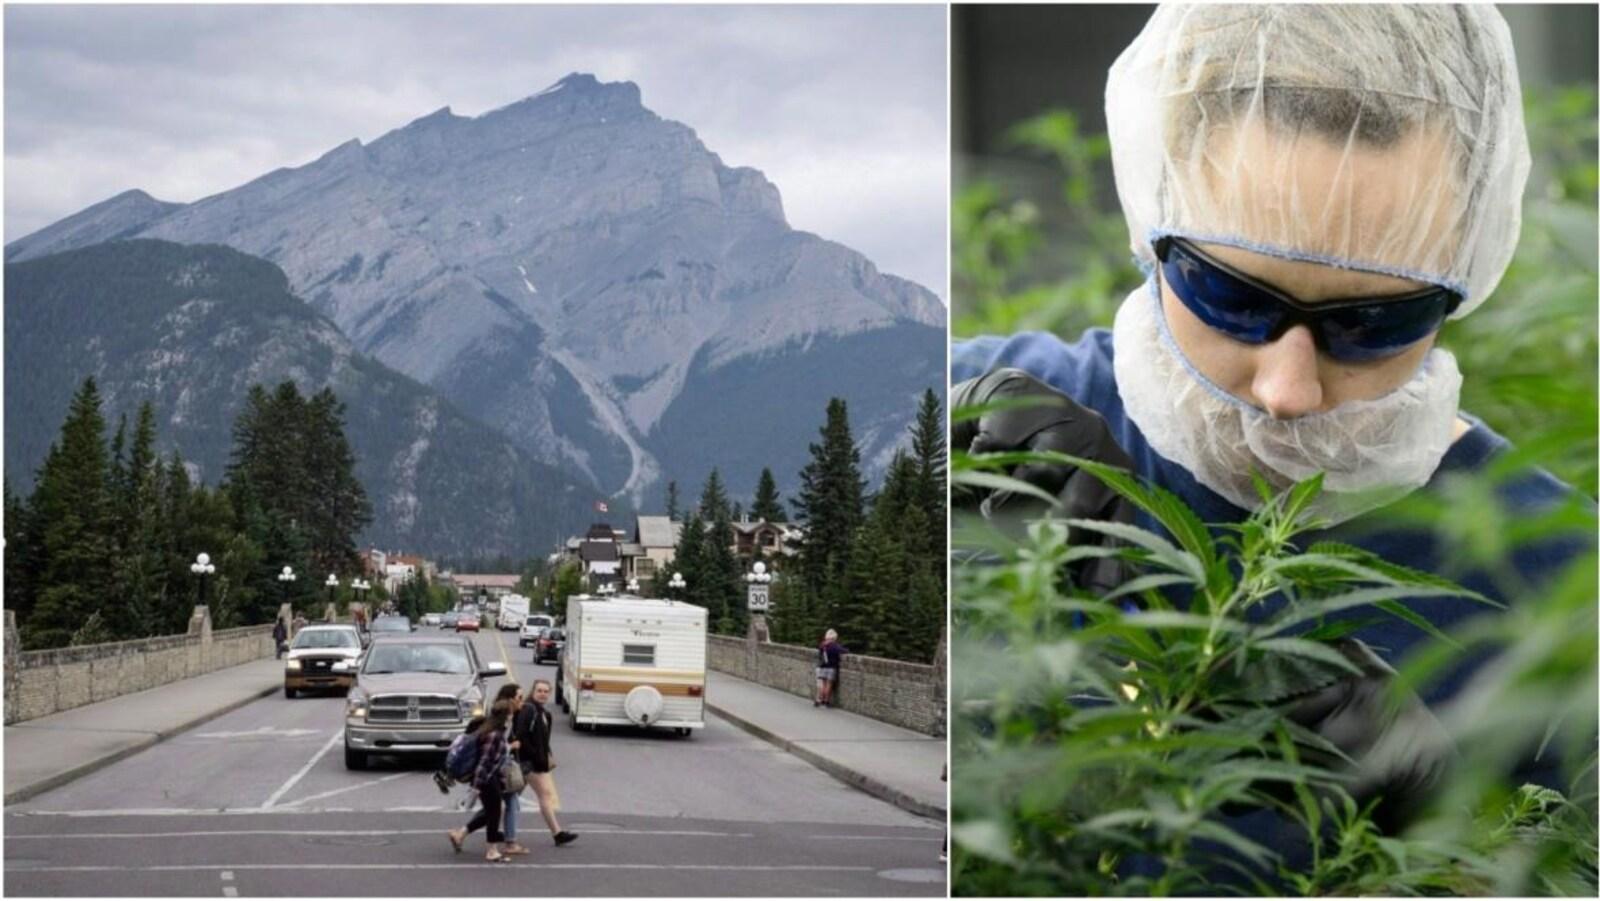 D'un côté, on voit la municipalité de Banff, avec deux filles qui traversent la rue et la montagne en arrière, de l'autre on voit quelqu'un en train de faire pousser un plant de marijuana.